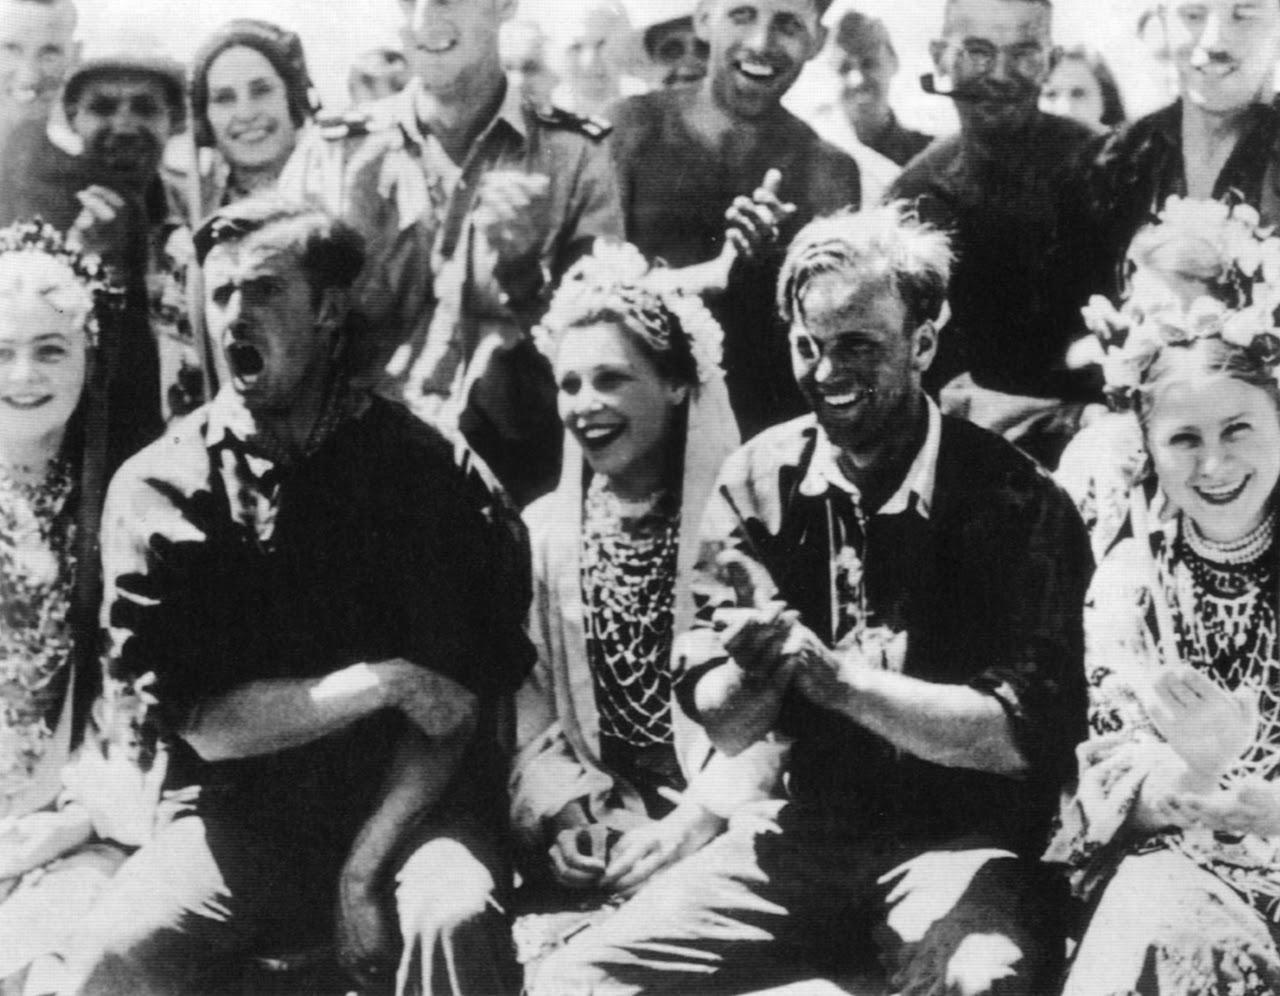 1942. Солдаты дивизии СС «Лейбштандарт Адольф Гитлер» на празднике с украинскими девушками.